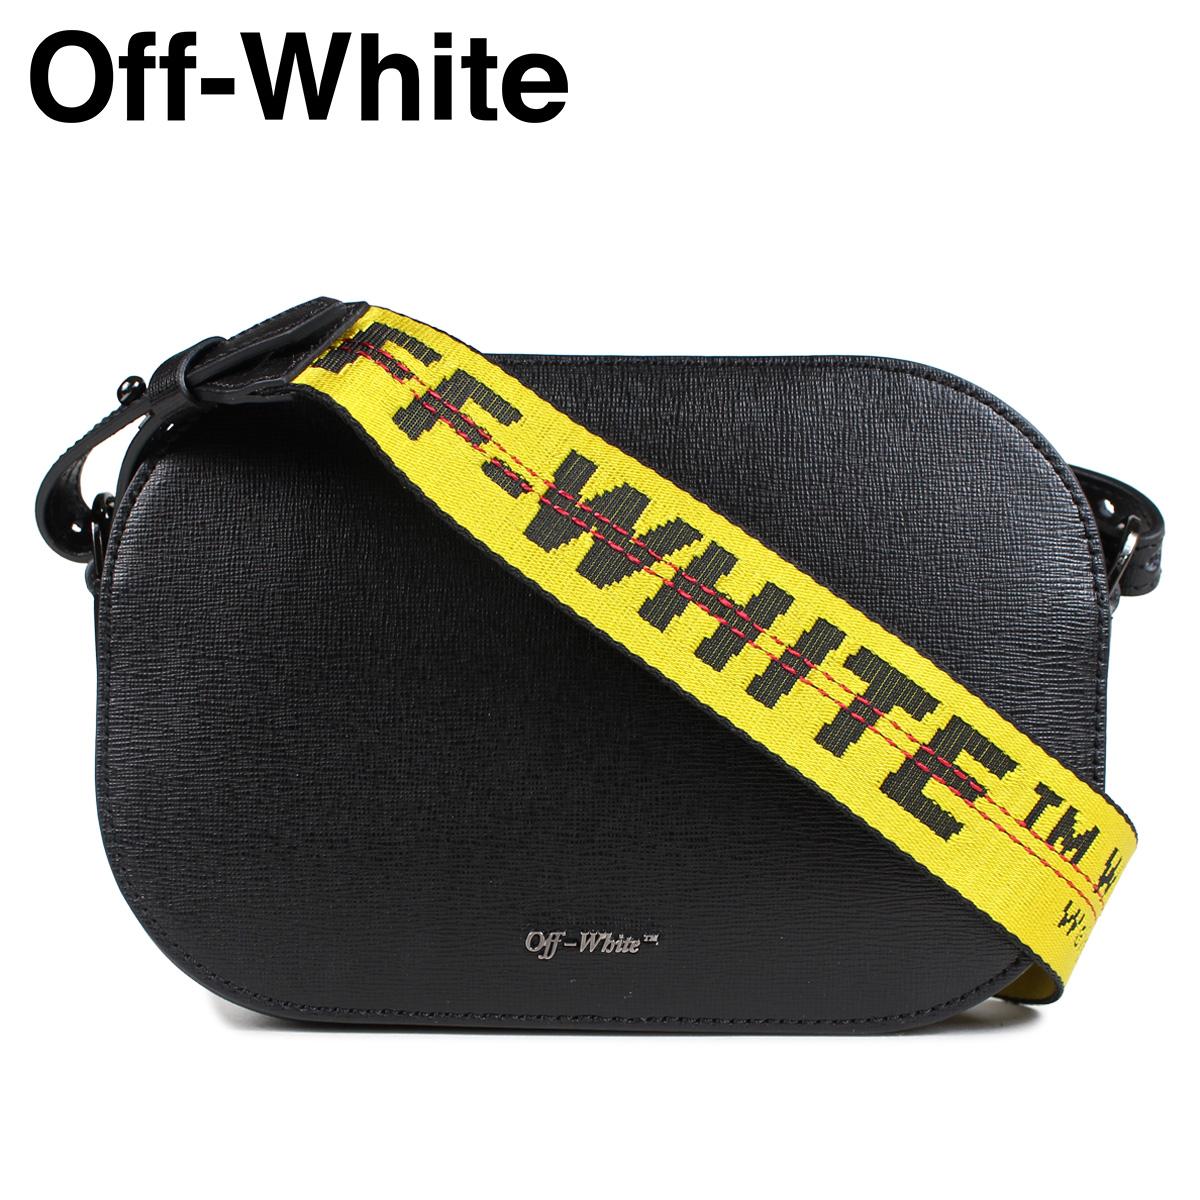 オフホワイト Off-white バッグ ショルダーバッグ レディース SCULPTURE CAMERA STRAP BAG ブラック 黒 OWNA054 423051